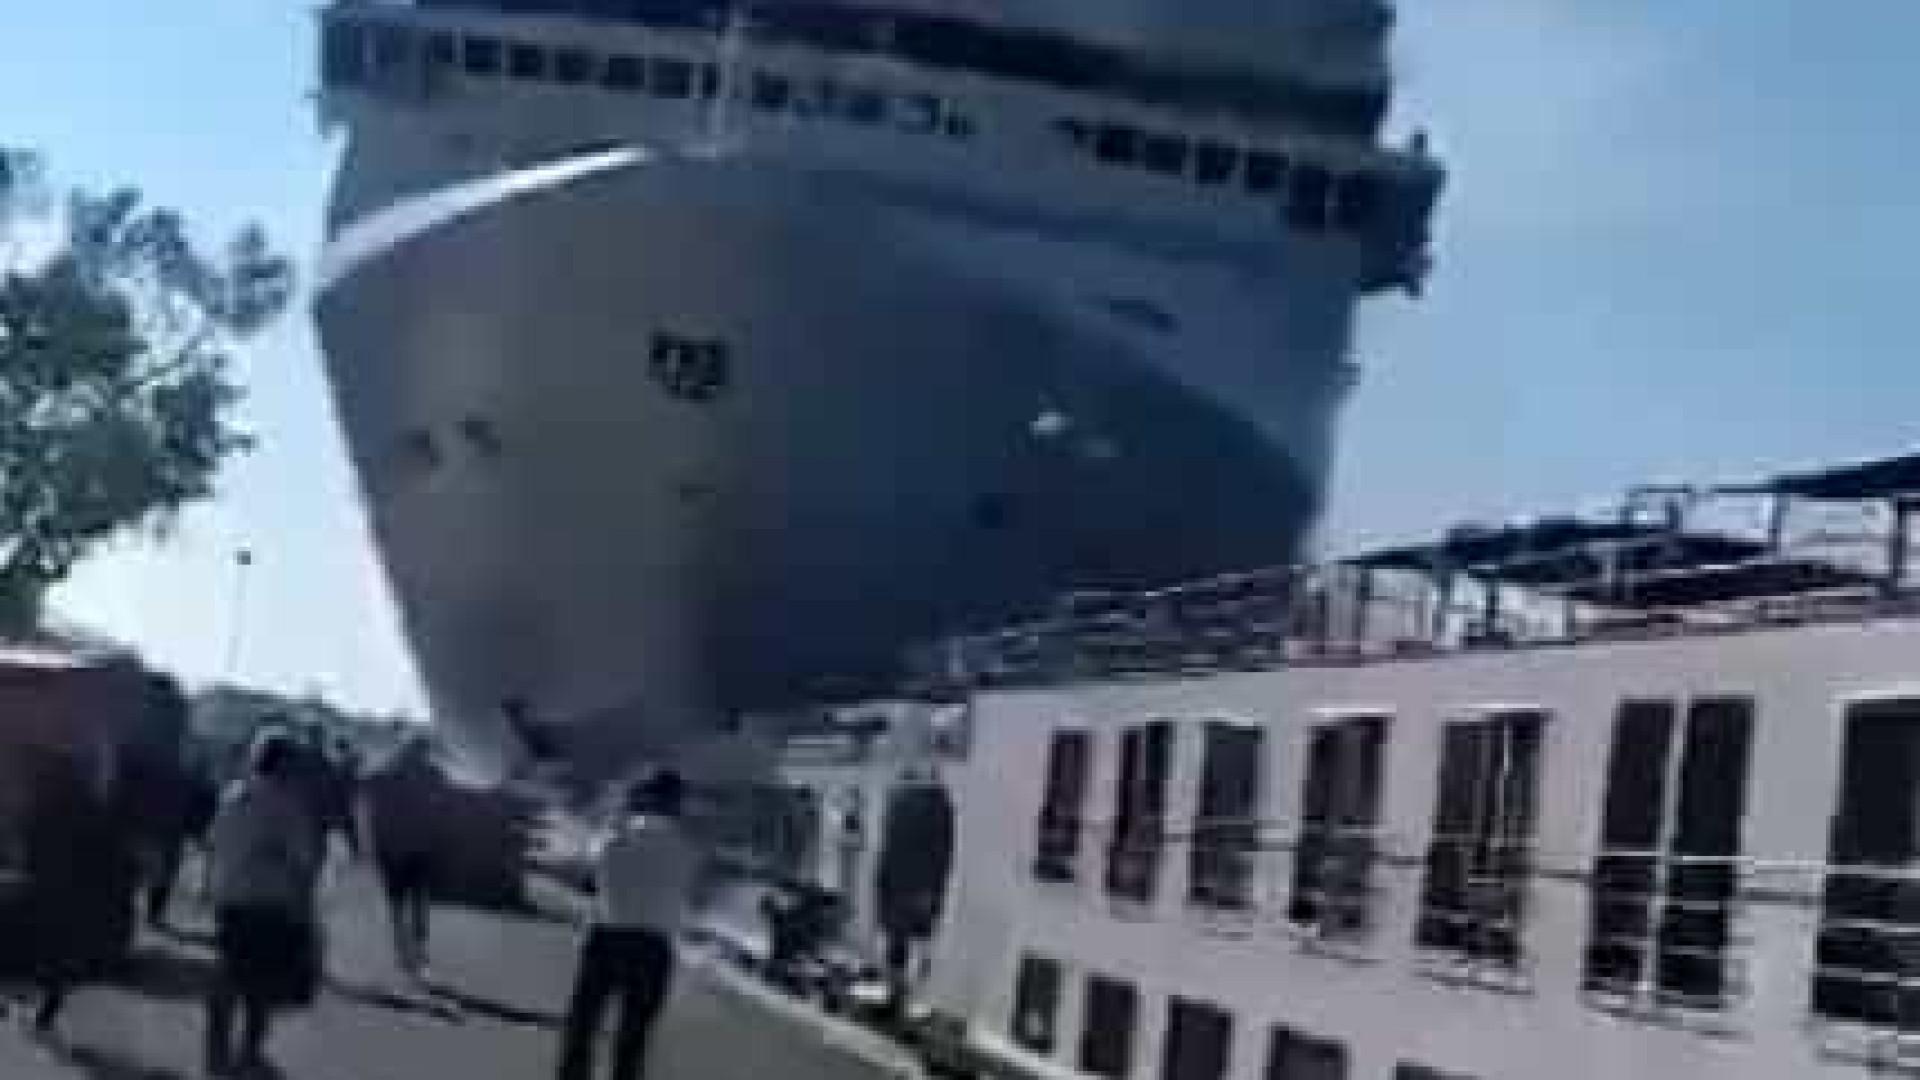 Cruzeiro choca contra cais e barco em Veneza